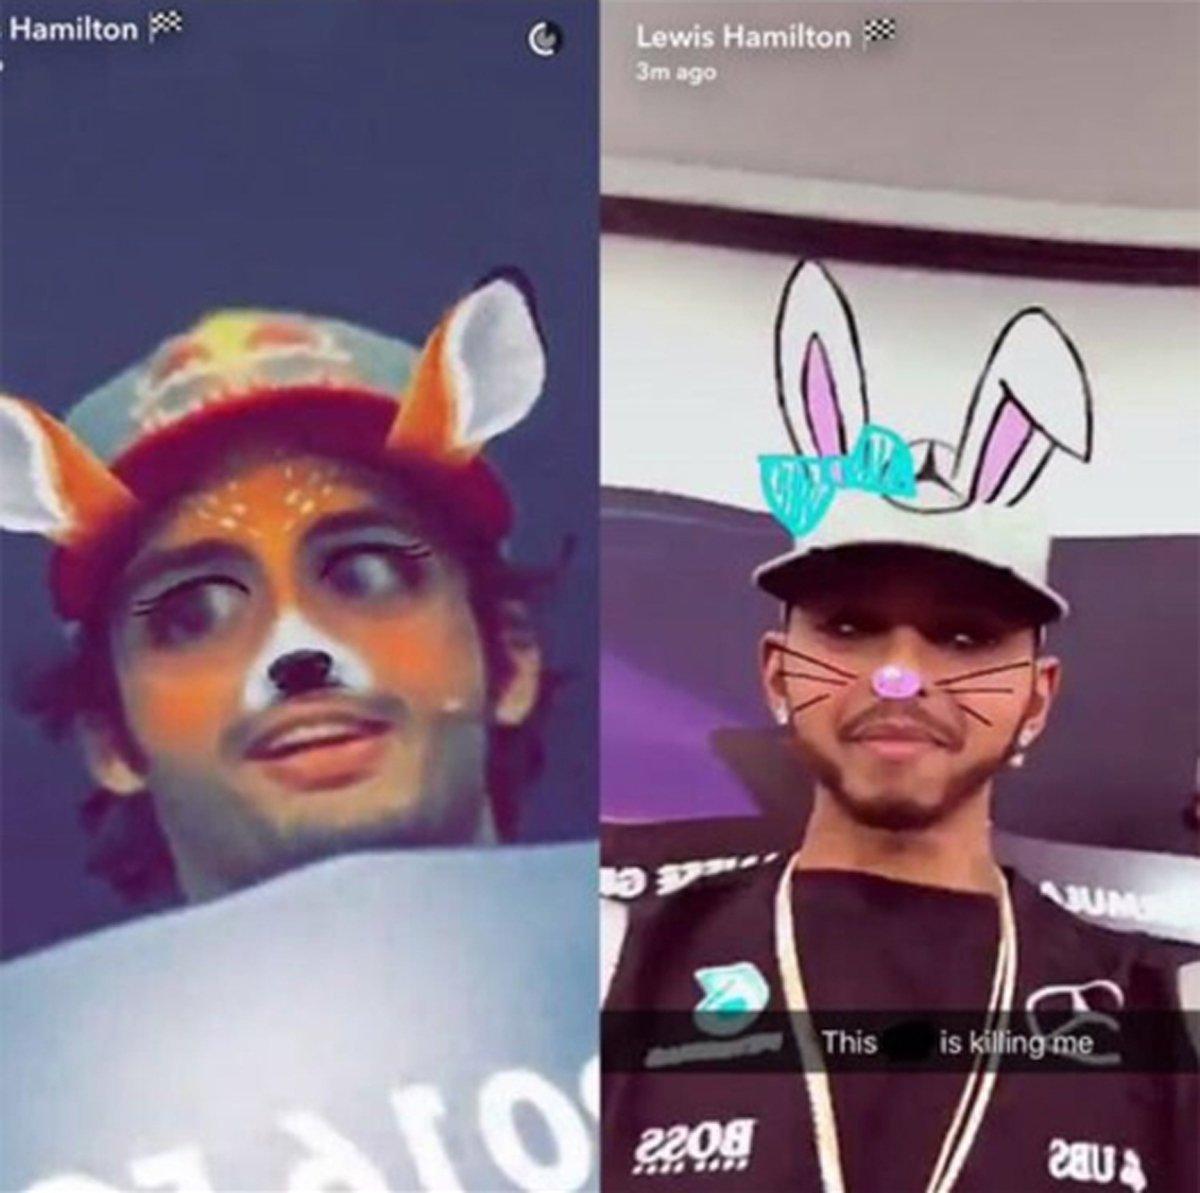 ルイス・ハミルトン Snapchat